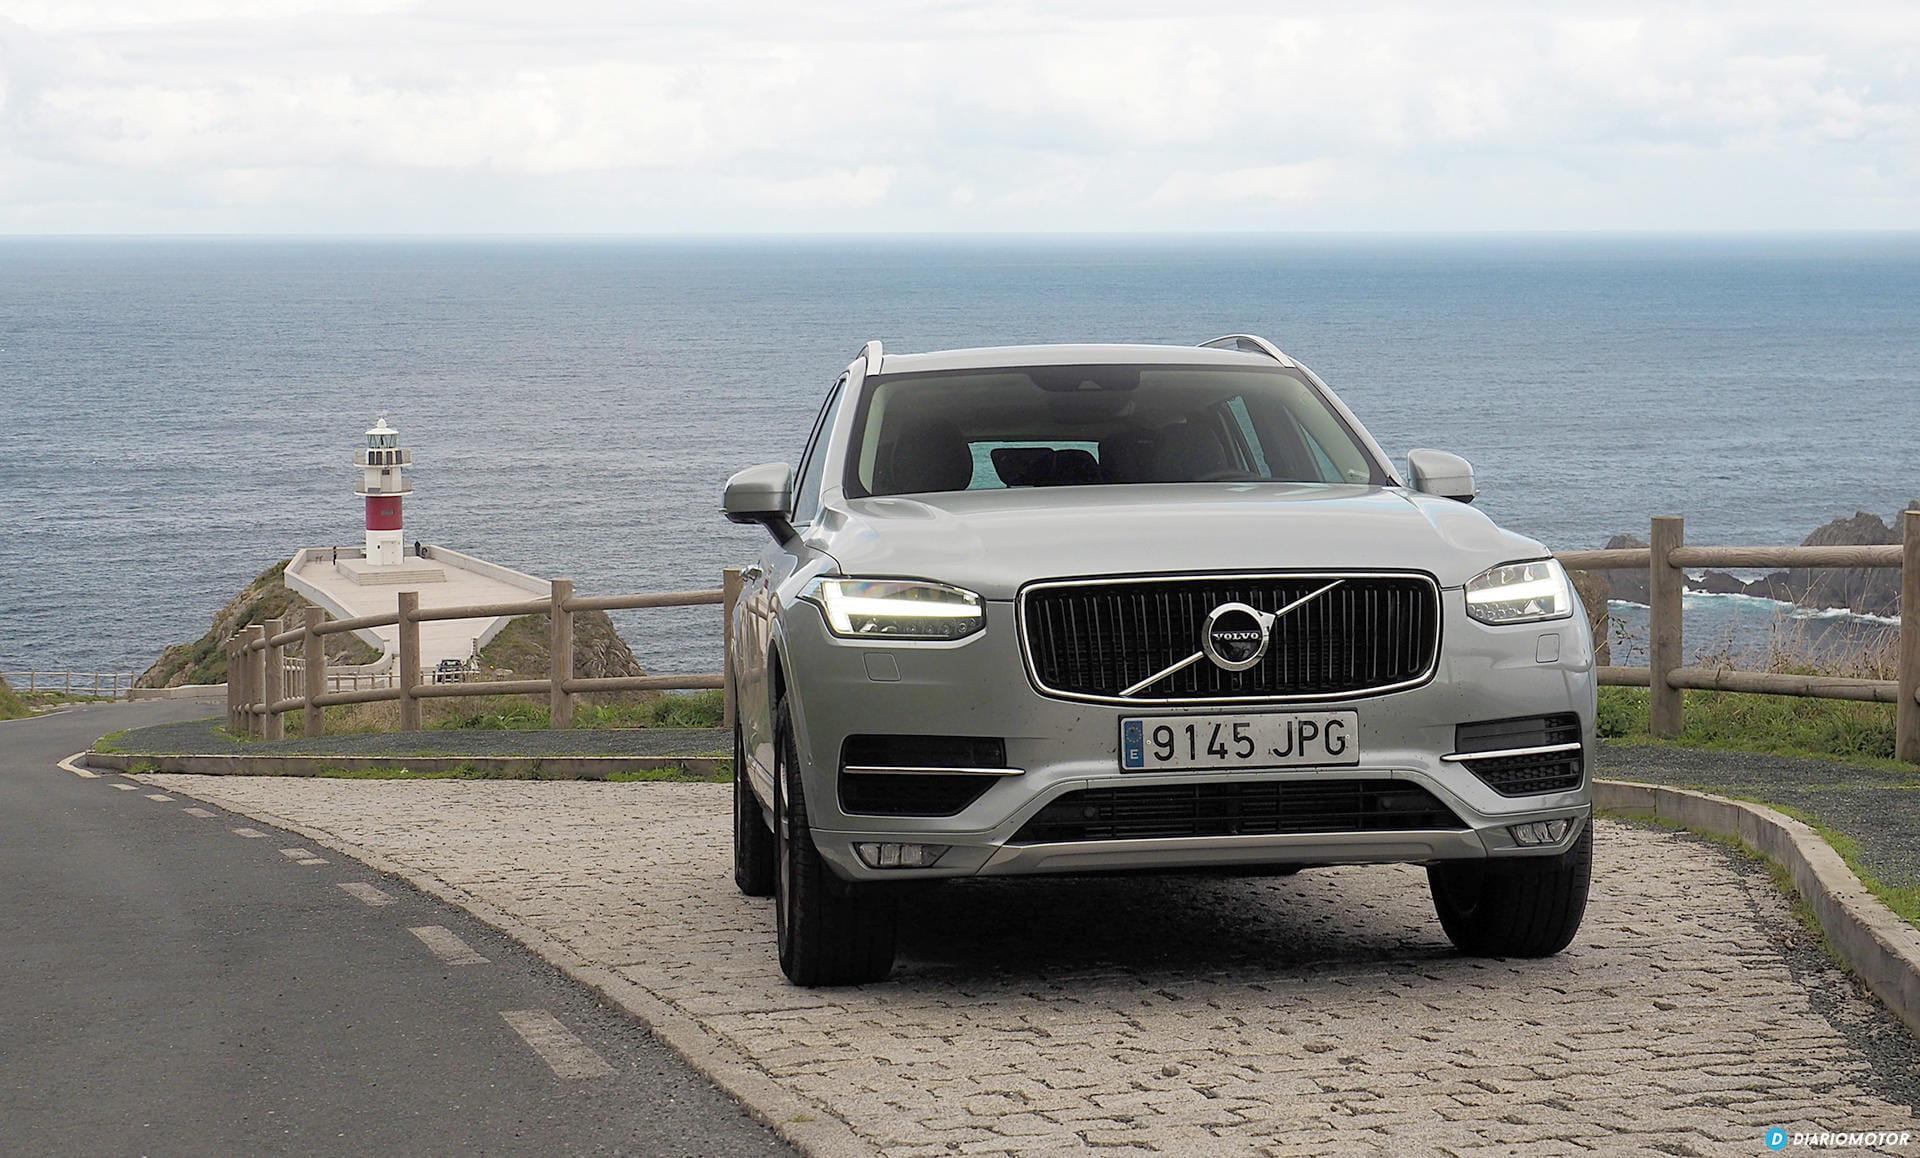 Prueba Volvo XC90 D4 Momentum: road trip a Estaca de Bares y acantilados de Loiba